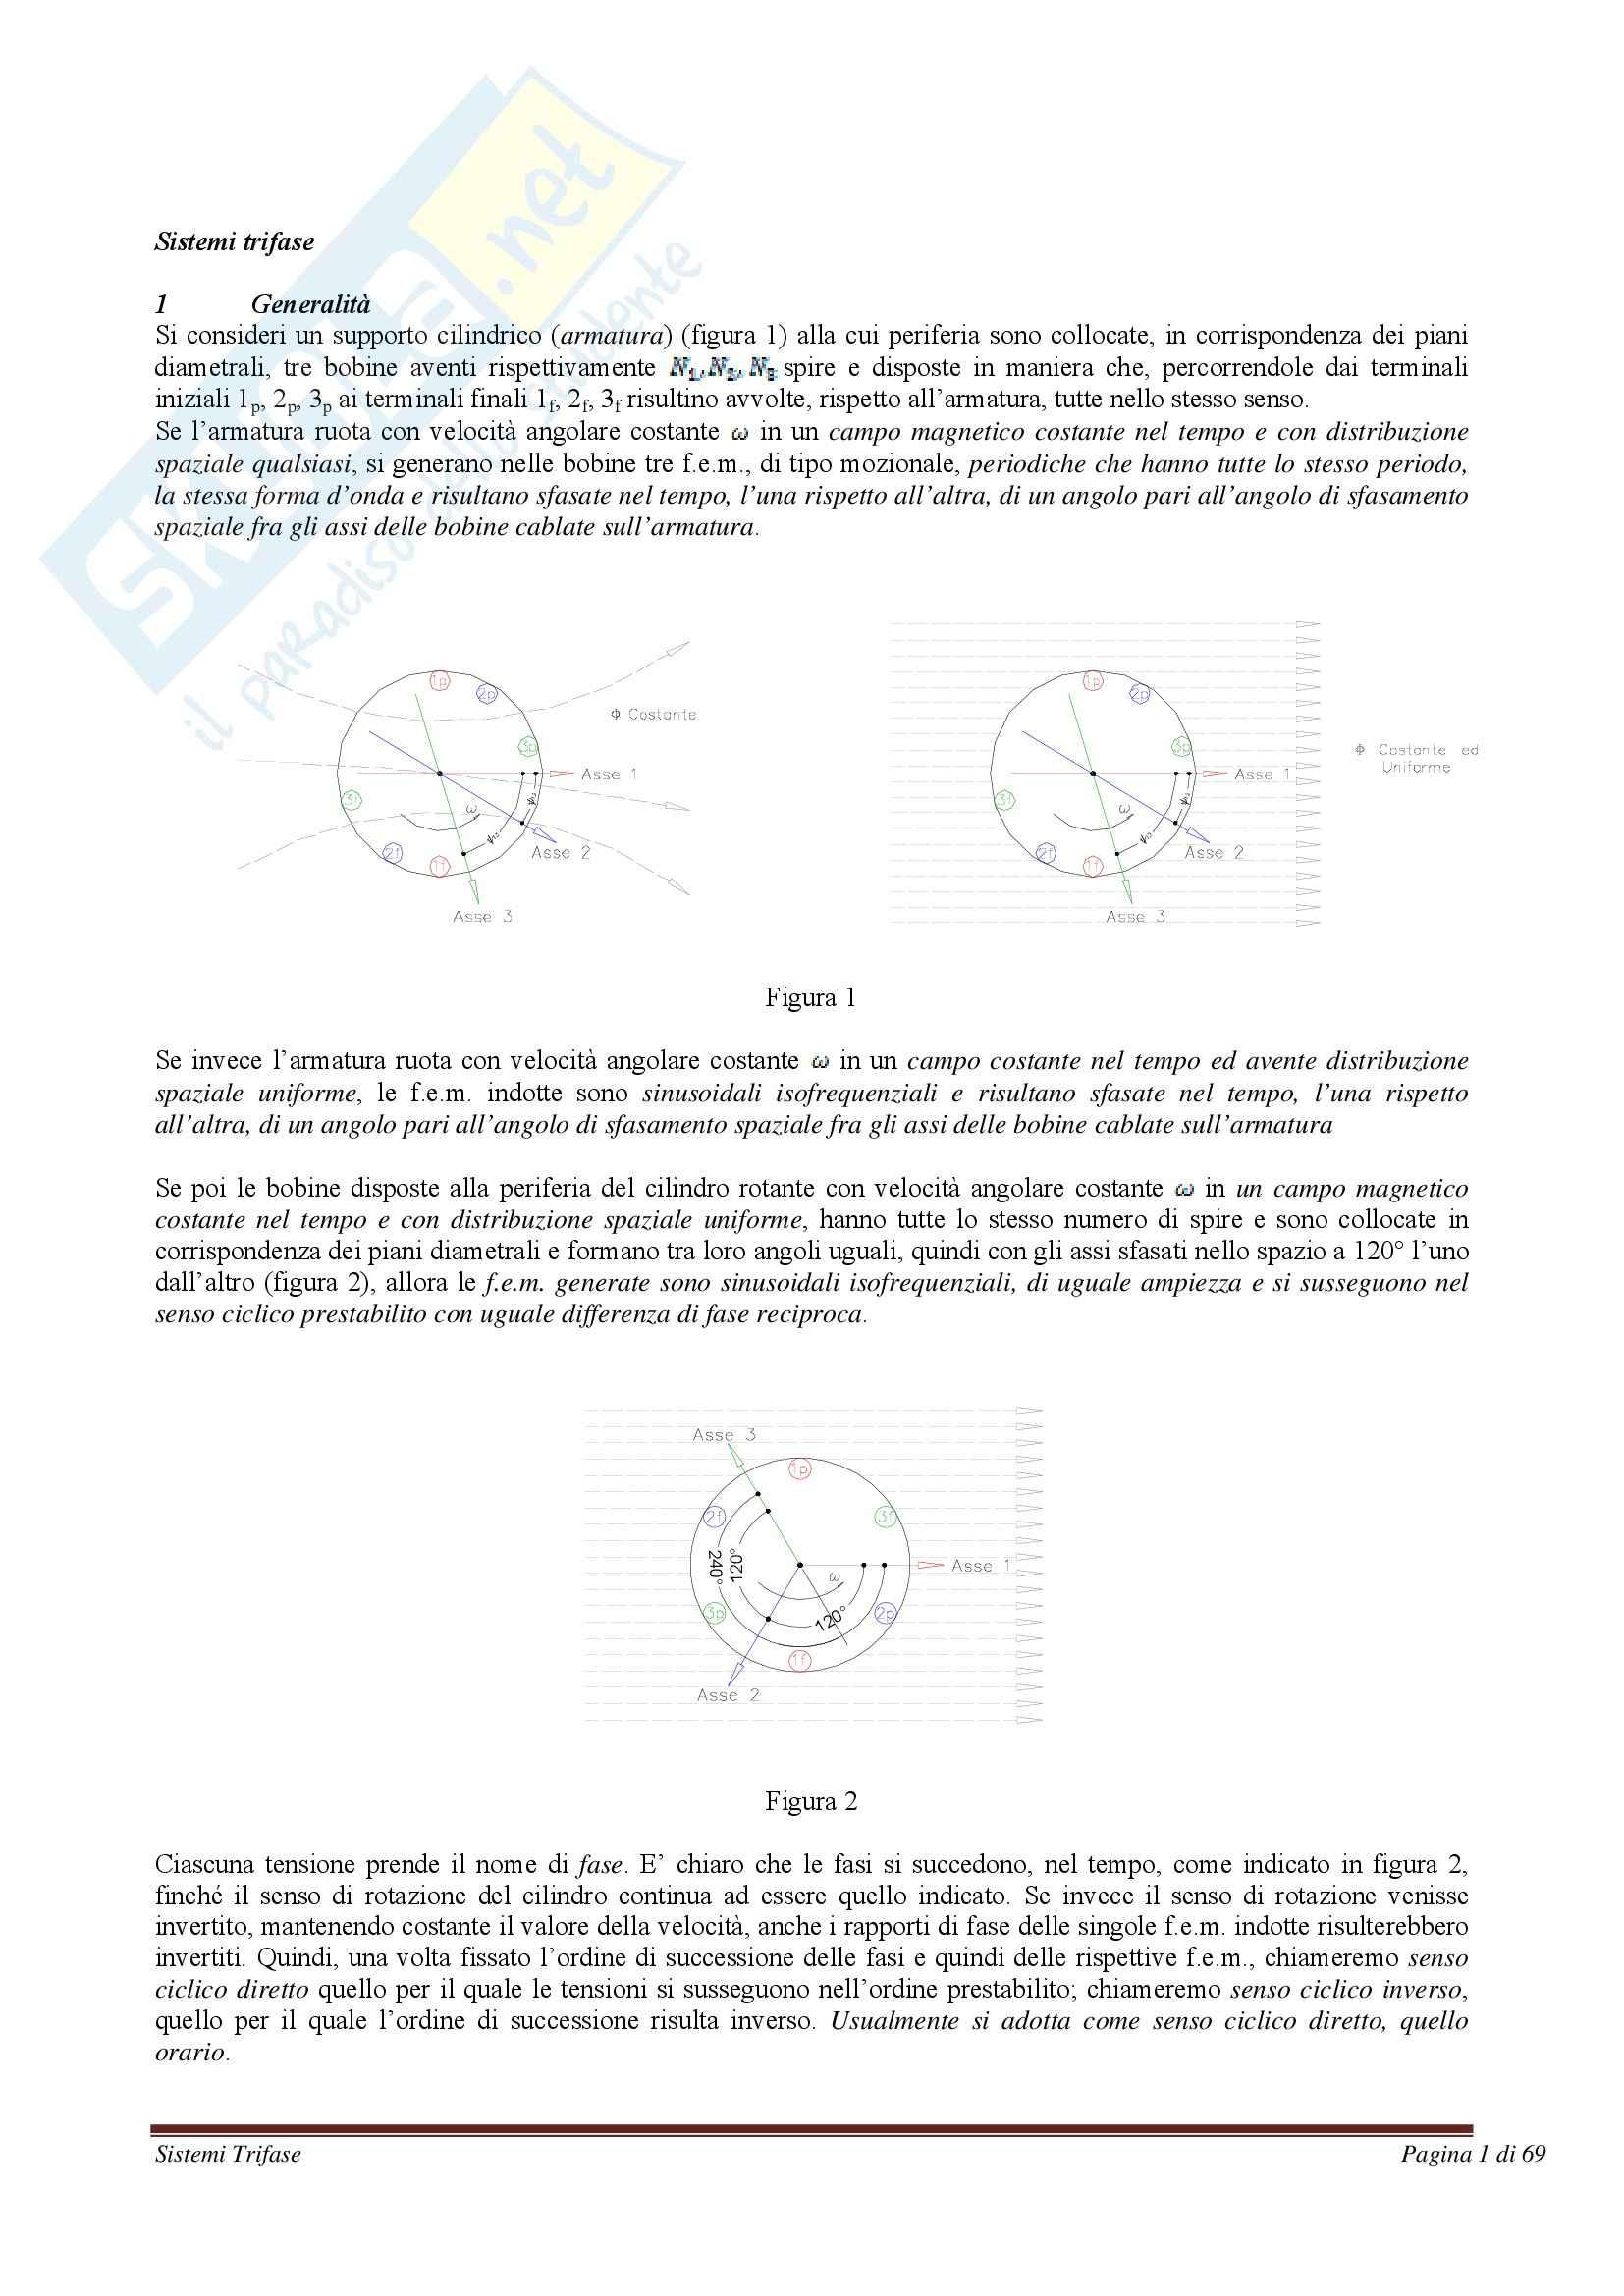 Elettrotecnica - Sistemi trifase